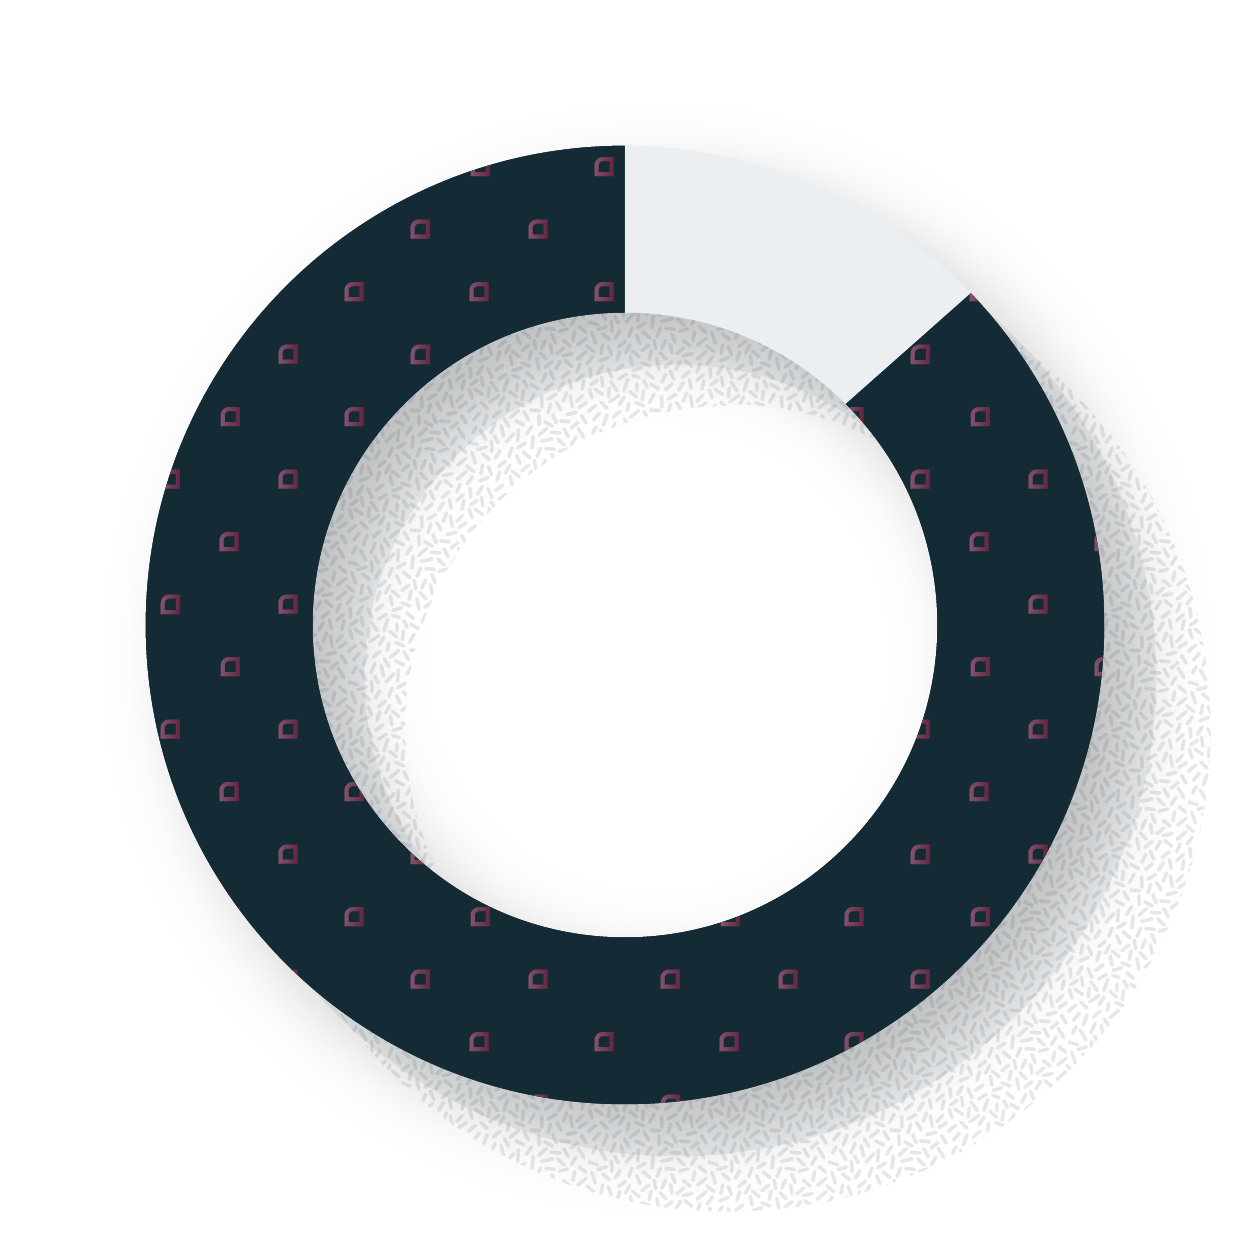 Chart 81%